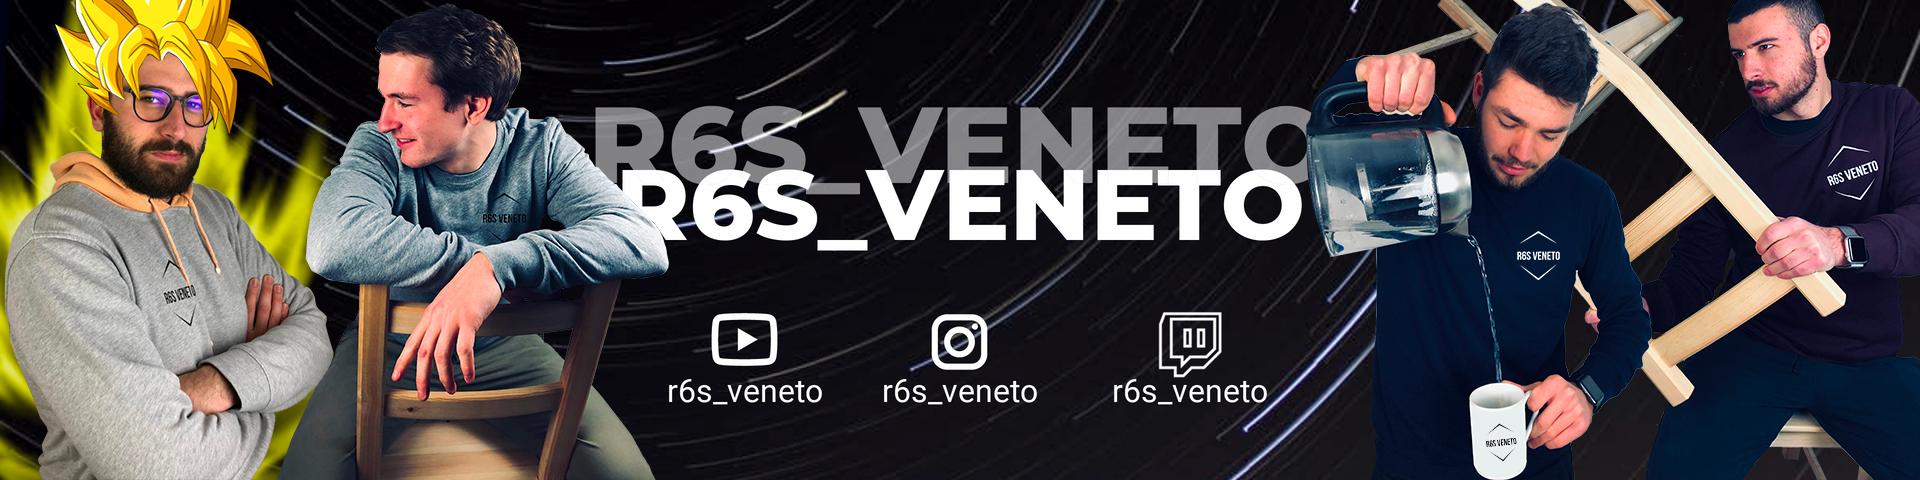 786469 r6s veneto banner